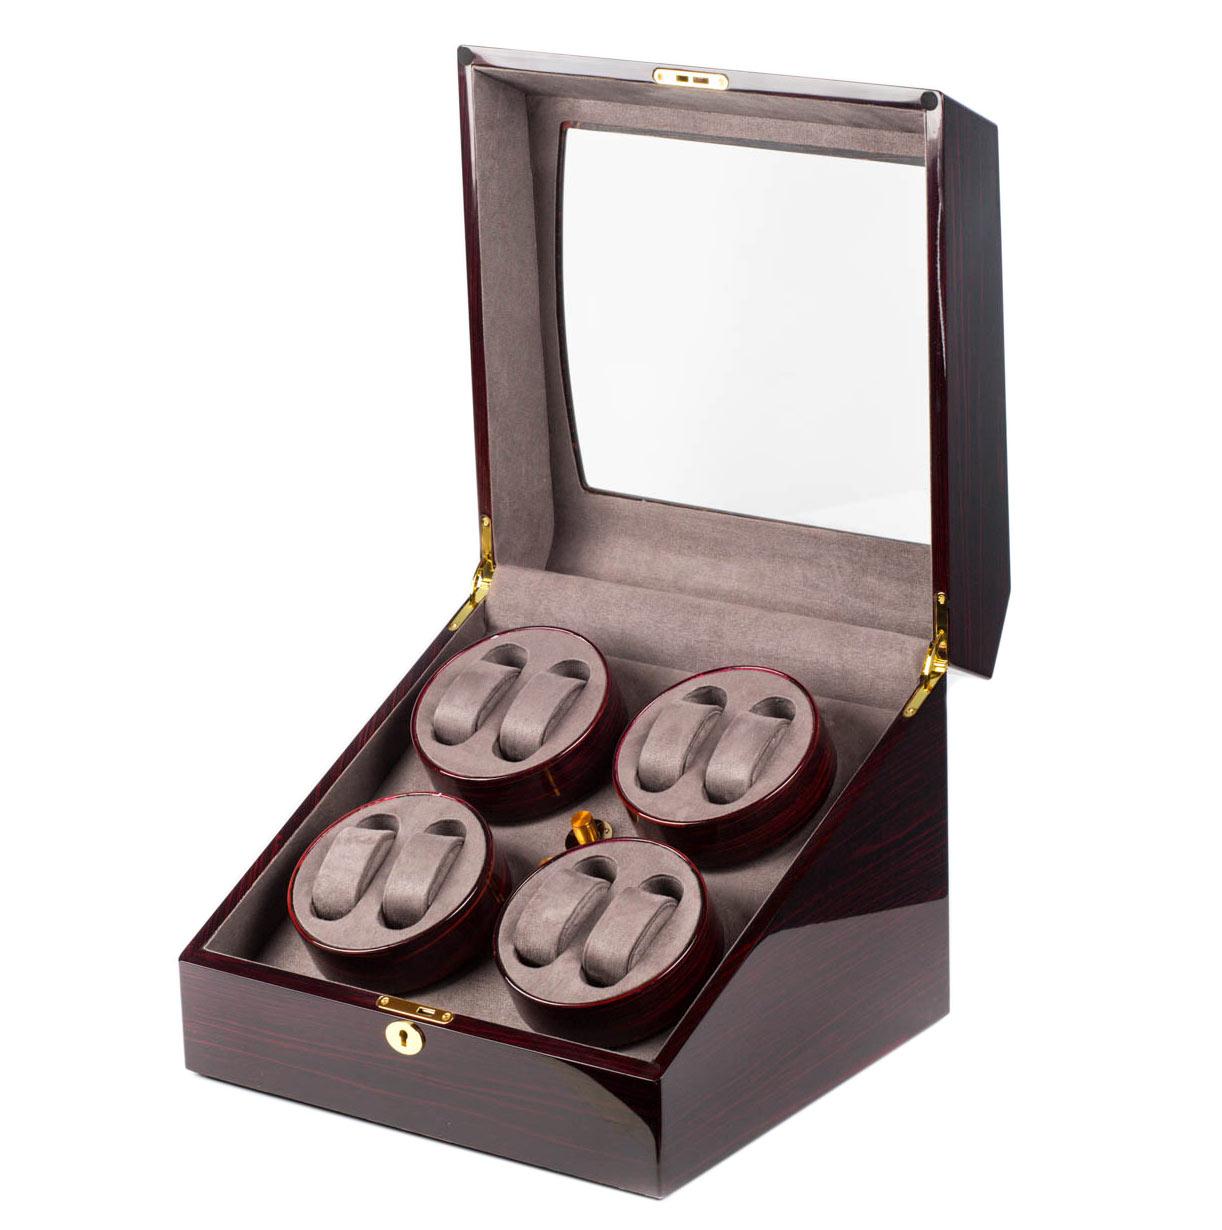 WW-8063WE Компактная шкатулка для подзавода механических часов, изготовлена из натурального дерева отделка: лак.